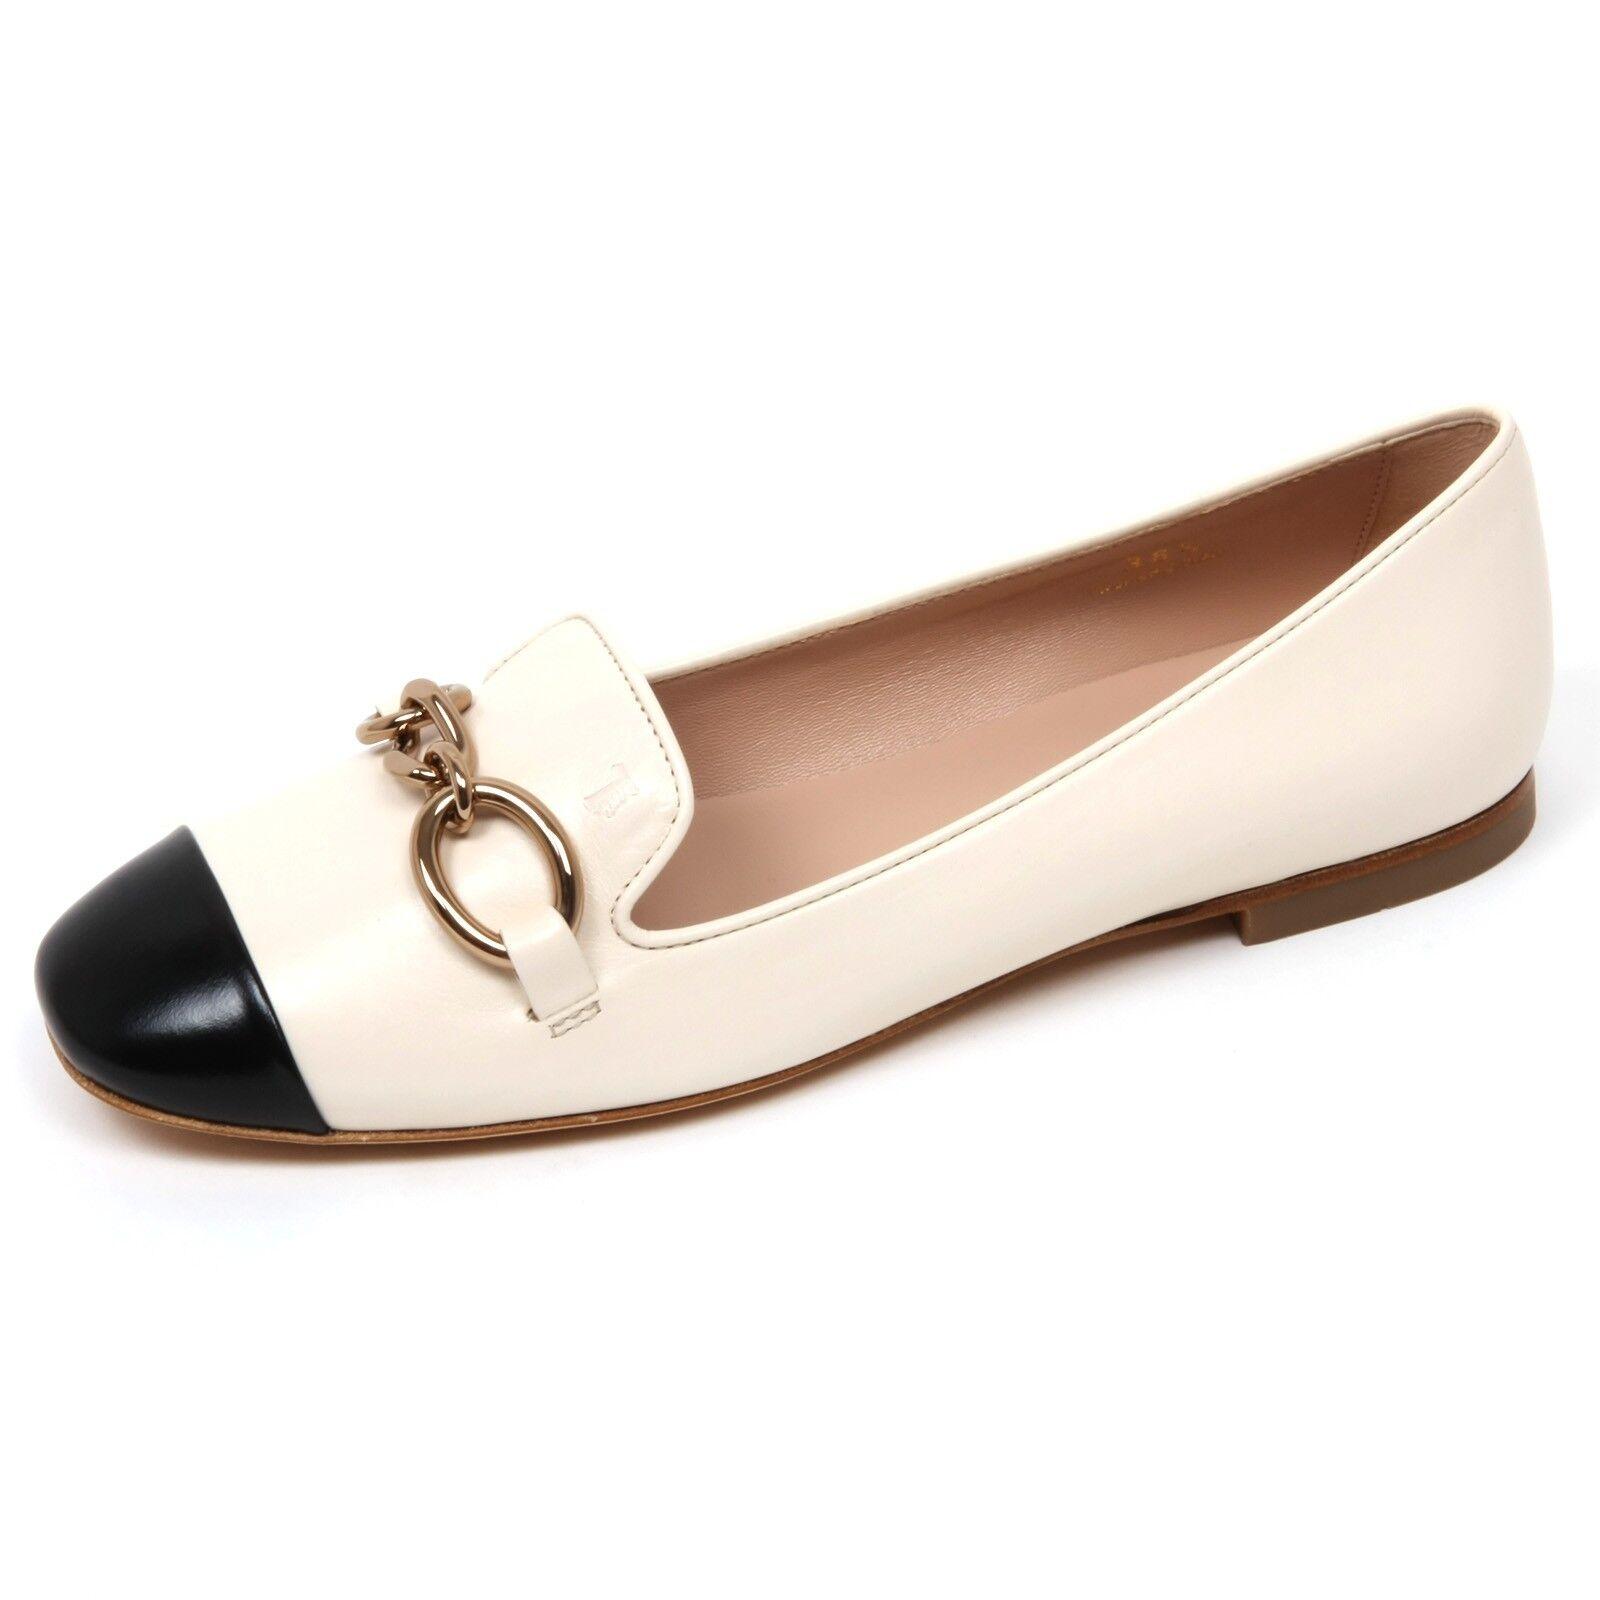 fino al 50% di sconto C9082 ballerina donna TOD'S scarpa avorio nero scarpe scarpe scarpe Donna ivory nero  promozioni di squadra